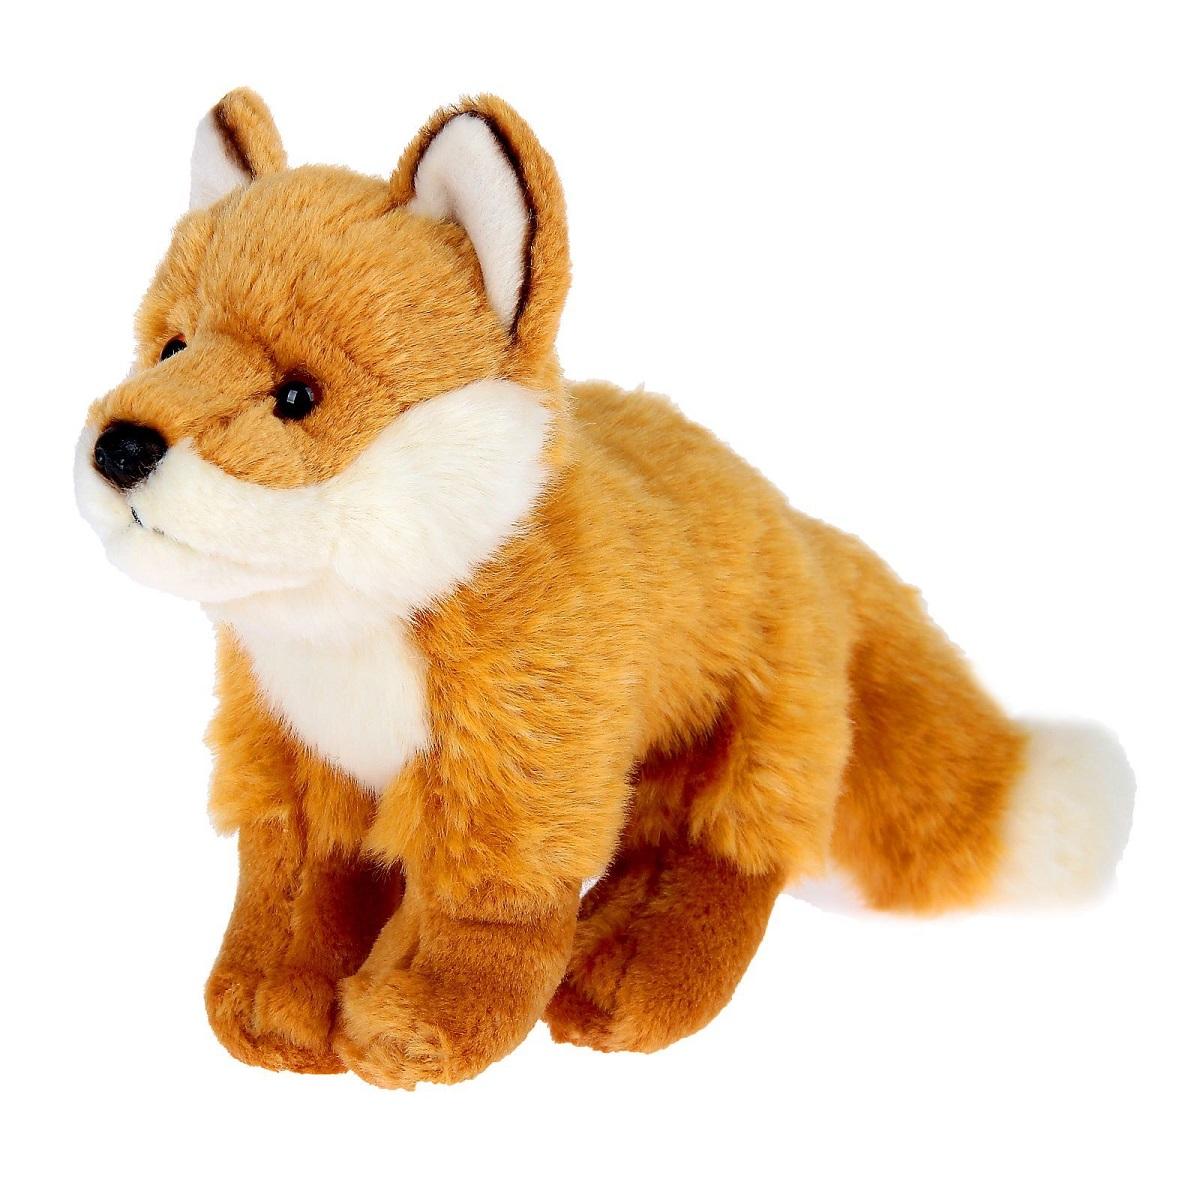 как картинка игрушка лиса речь идёт